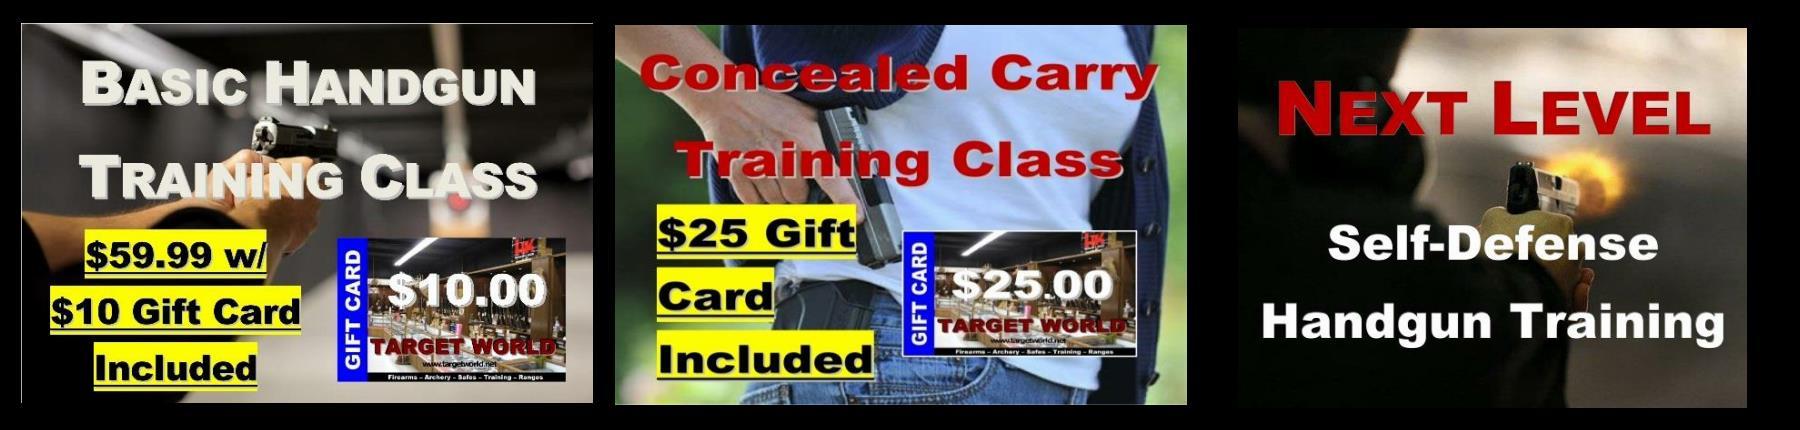 Training Slider (with Gift Cards) v2